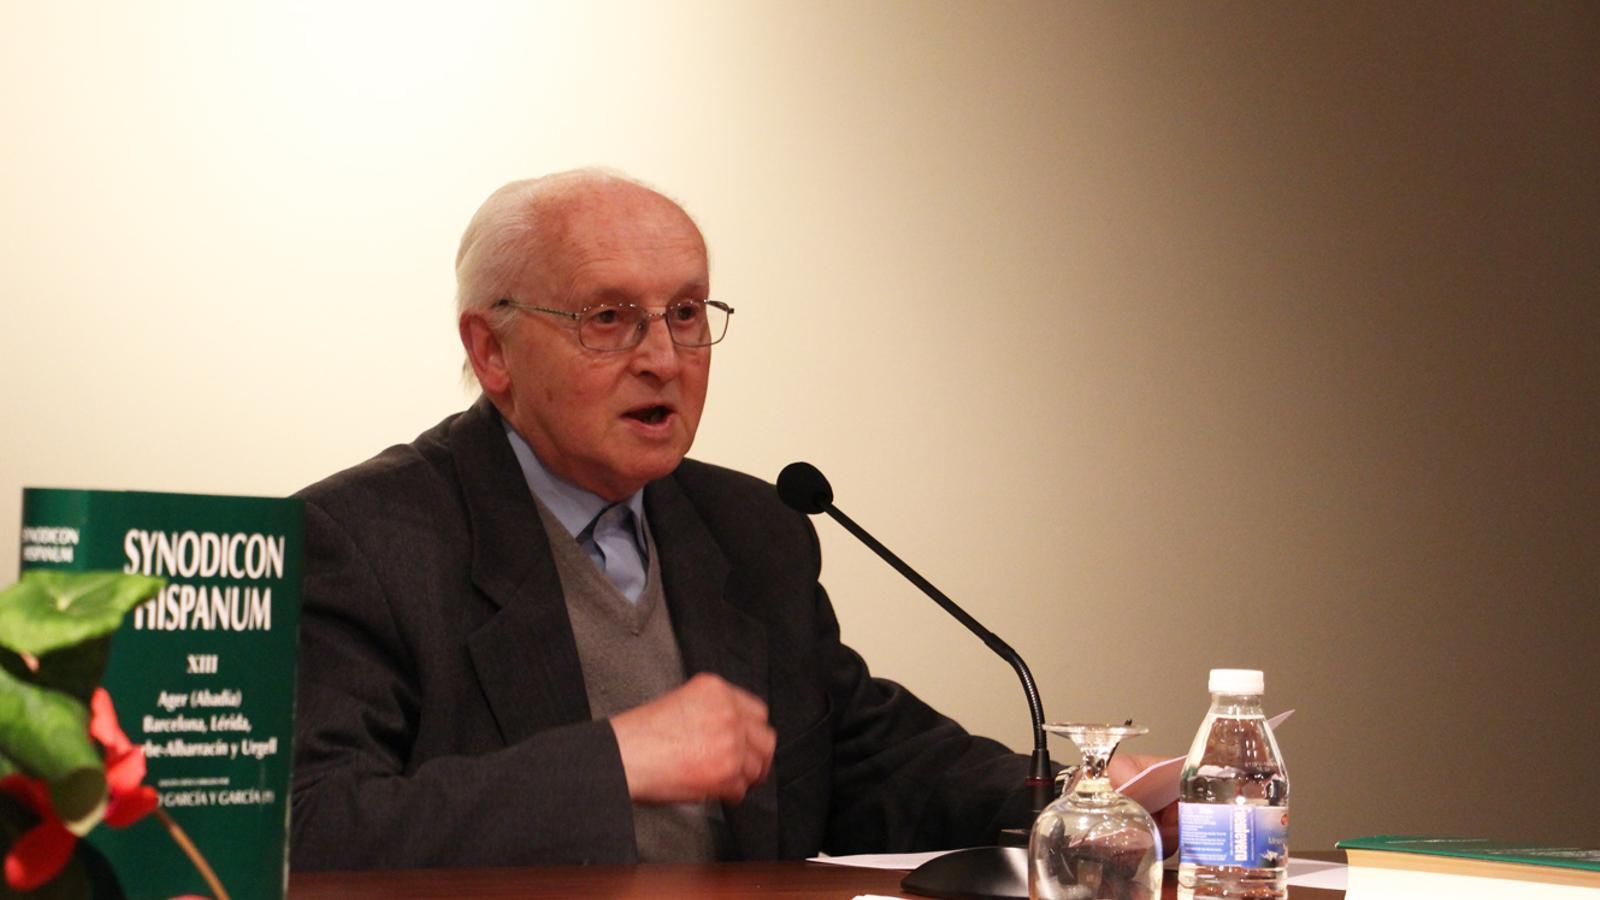 L'arxiver del Bisbat d'Urgell, mossèn Benigne Marqués, ha presentat el volum amb els sínodes d'Urgell aquest dimecres al vespre al Seminari d'Urgell. / E. J. M. (ANA)